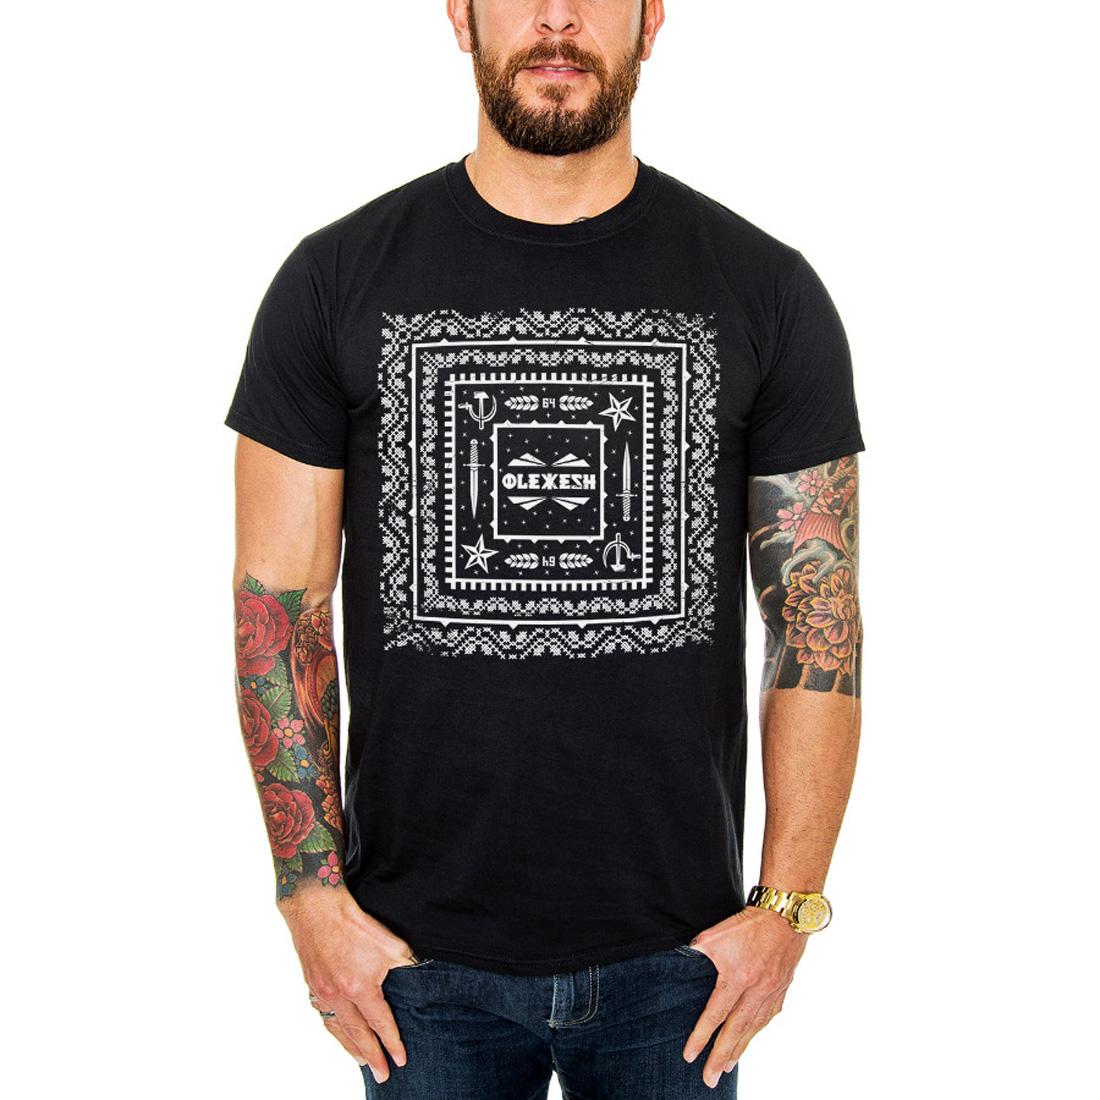 Bandana von Olexesh - T-Shirt jetzt im 385ideal Shop